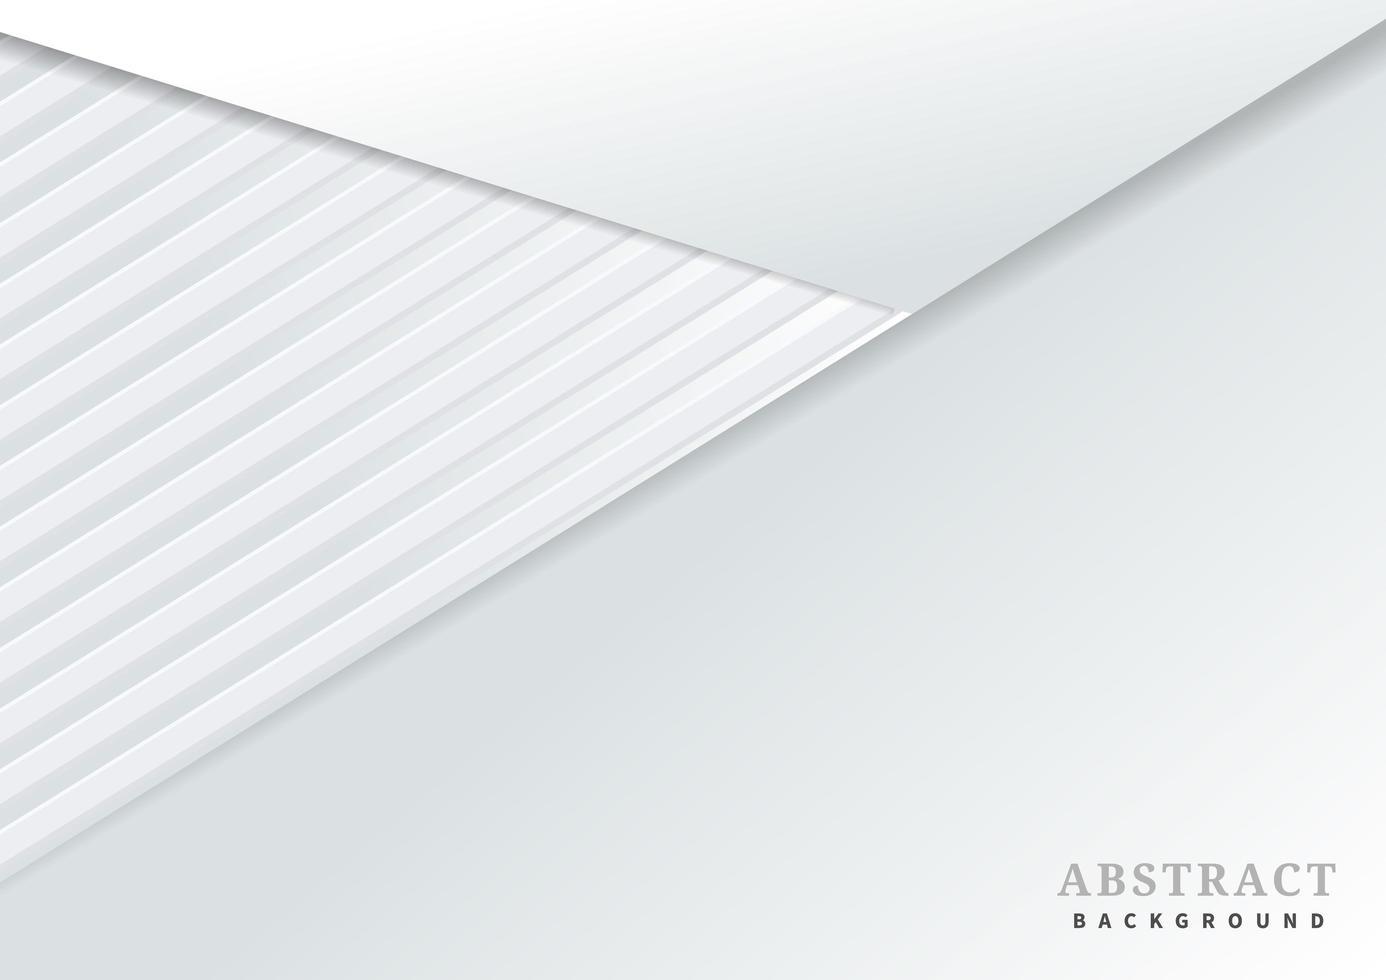 vinklad design med vitt papperslager vektor